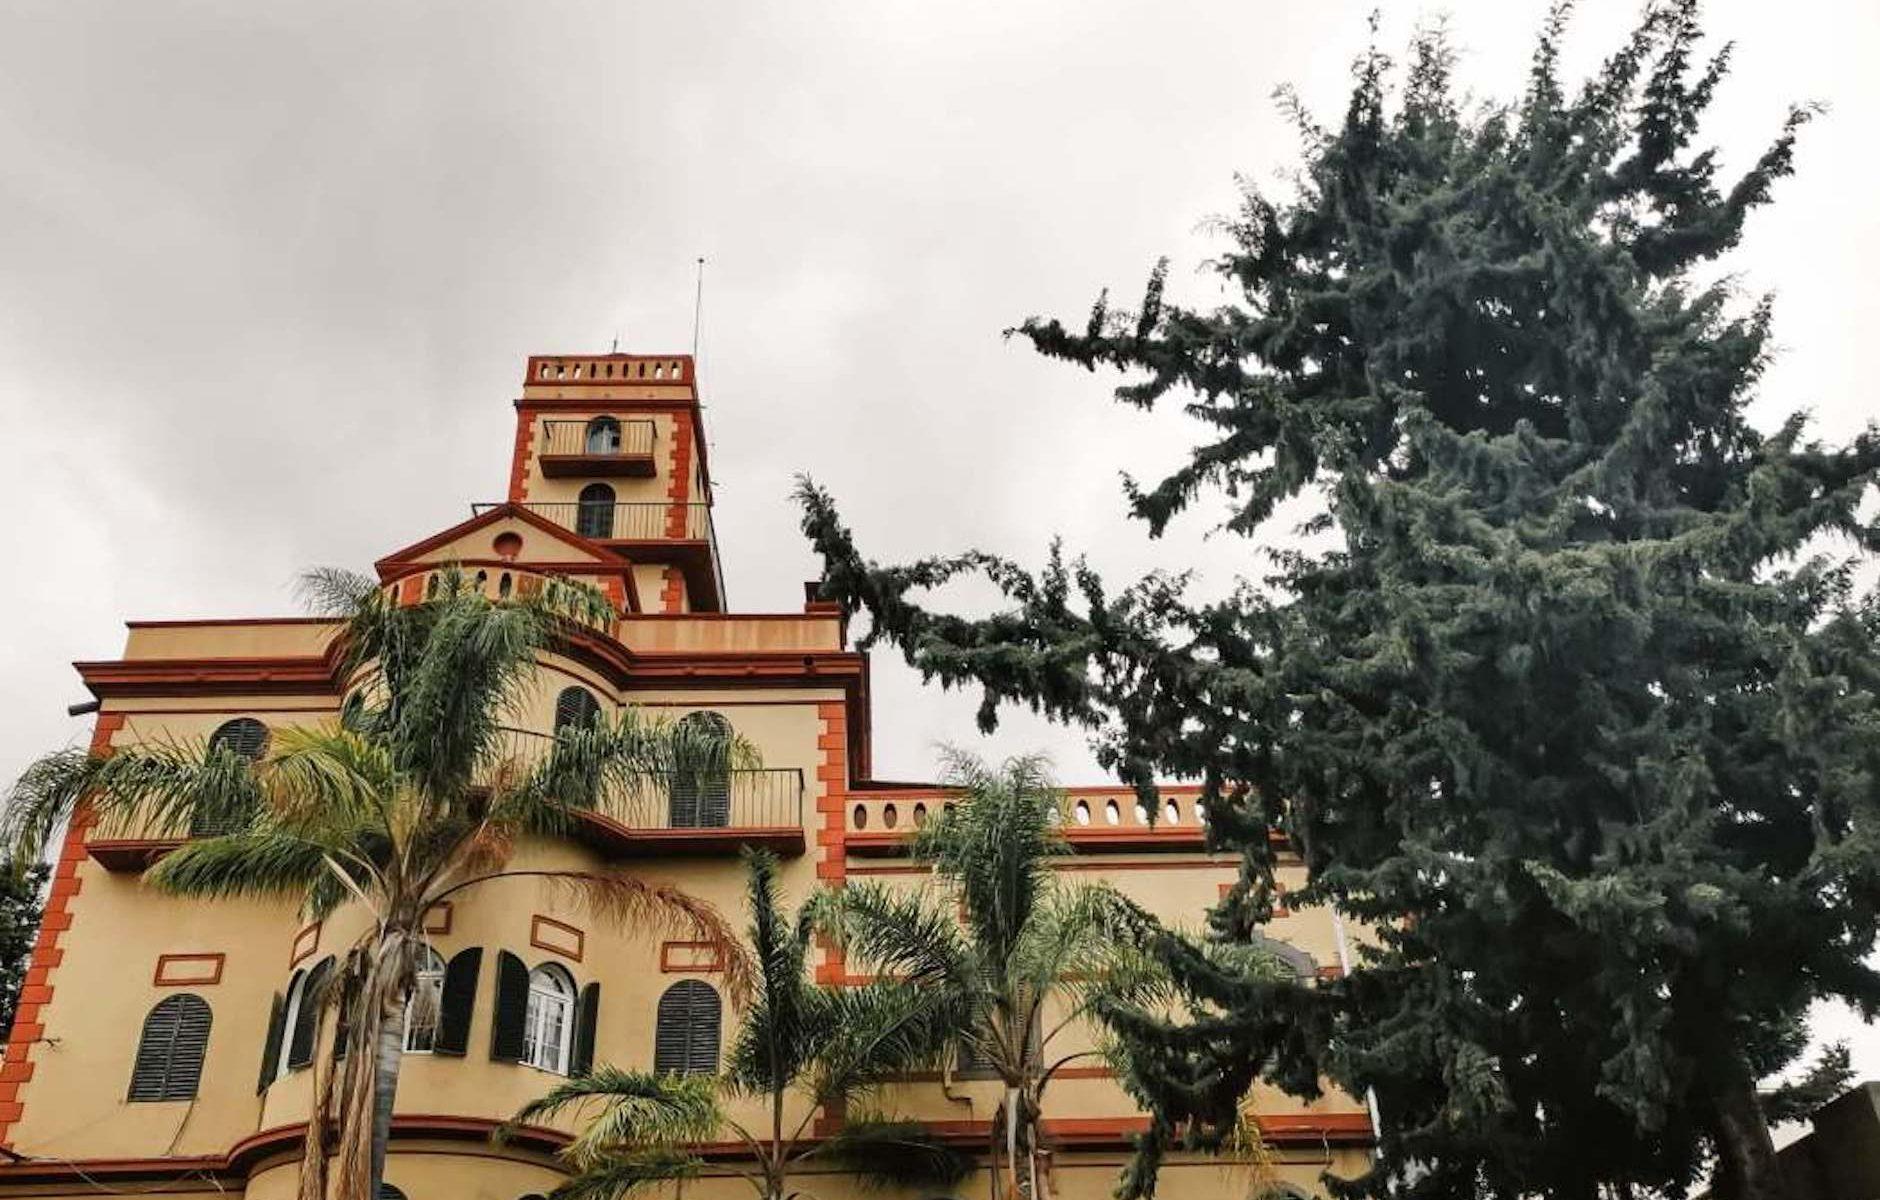 História e curiosidades do Vinho Madeira © lavidaesmara